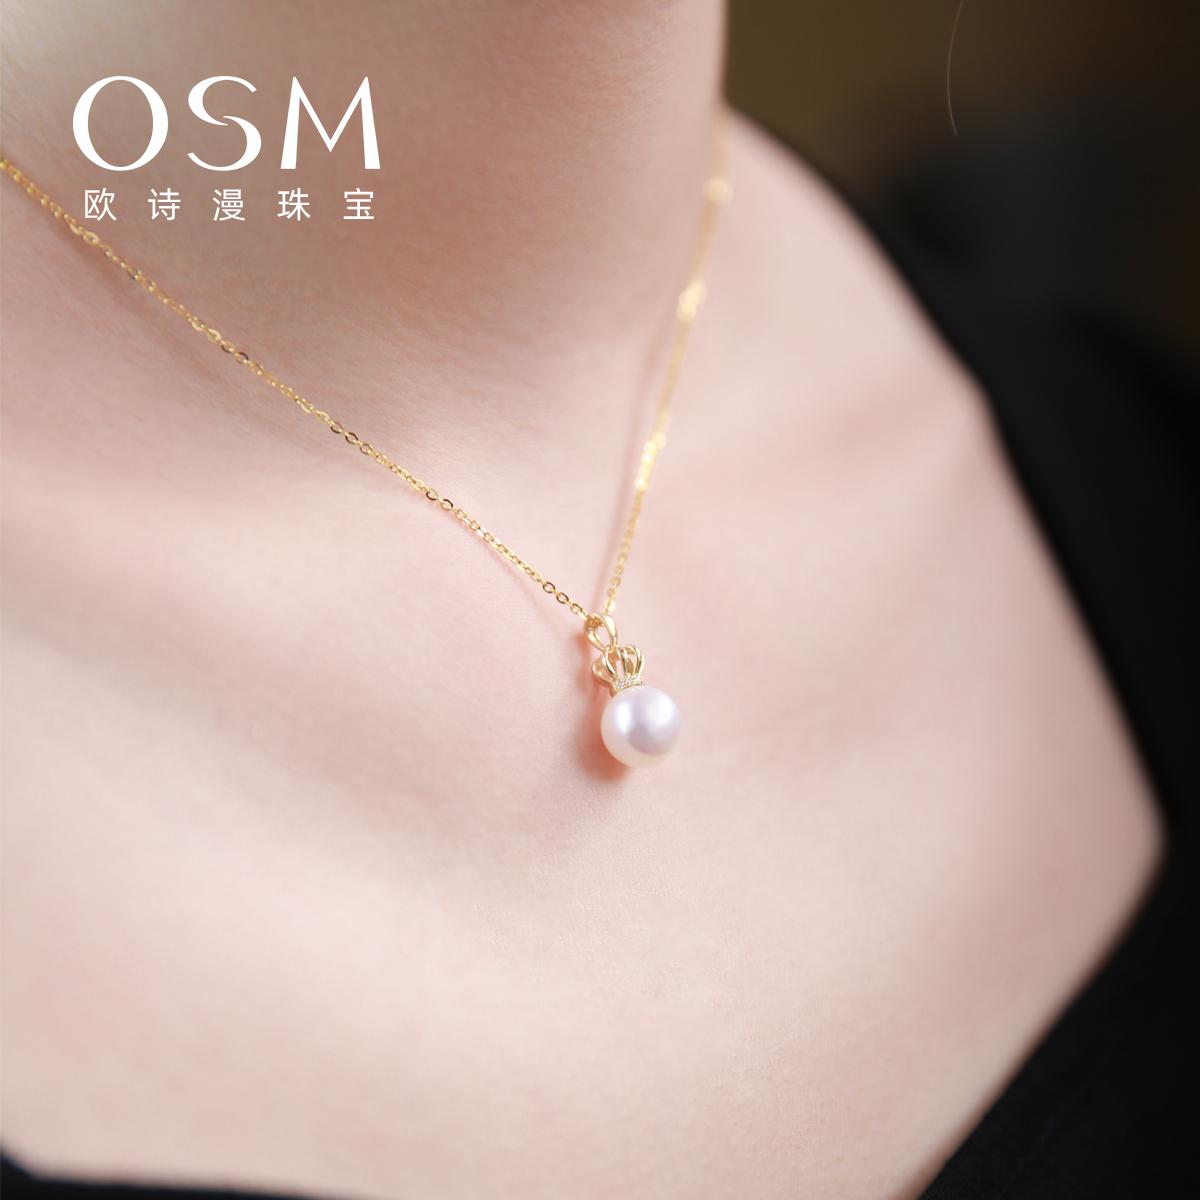 欧诗漫珍珠18K金圆形8.5-9mm淡水珍珠吊坠配钻石queen pearl